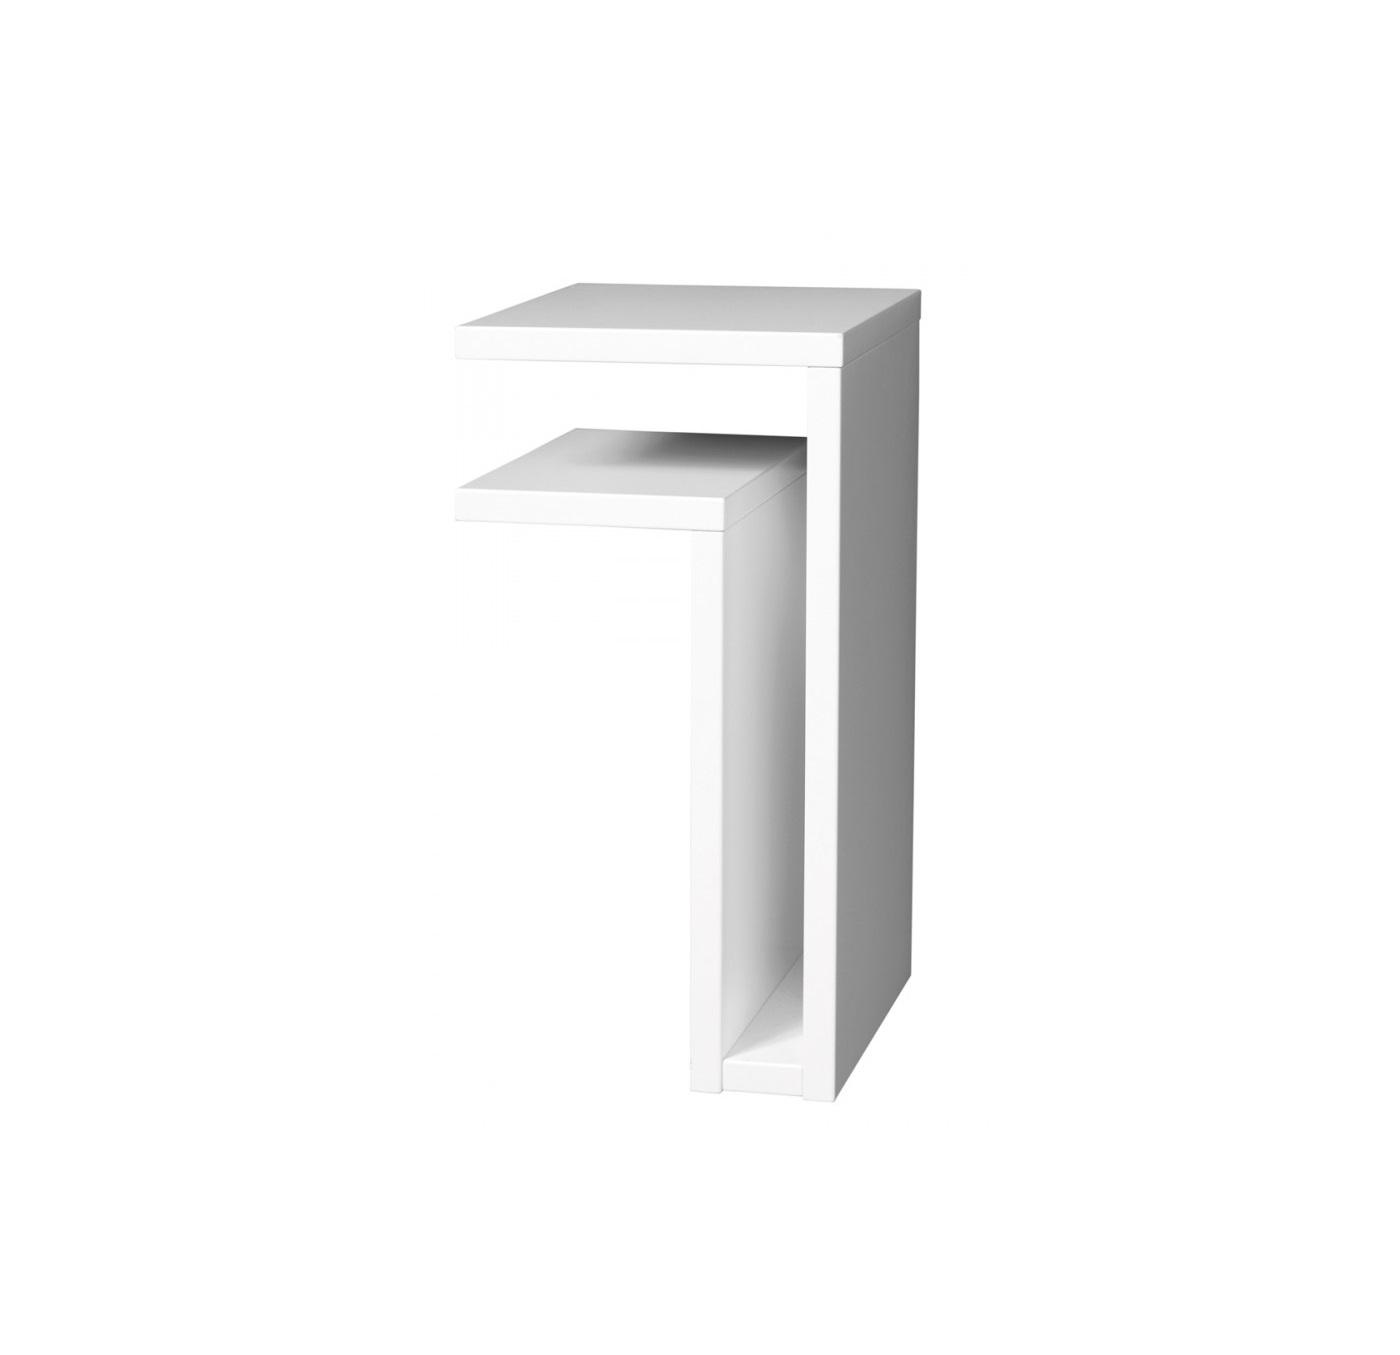 Vägghängt sängbord F-shelf vit vänster, Maze